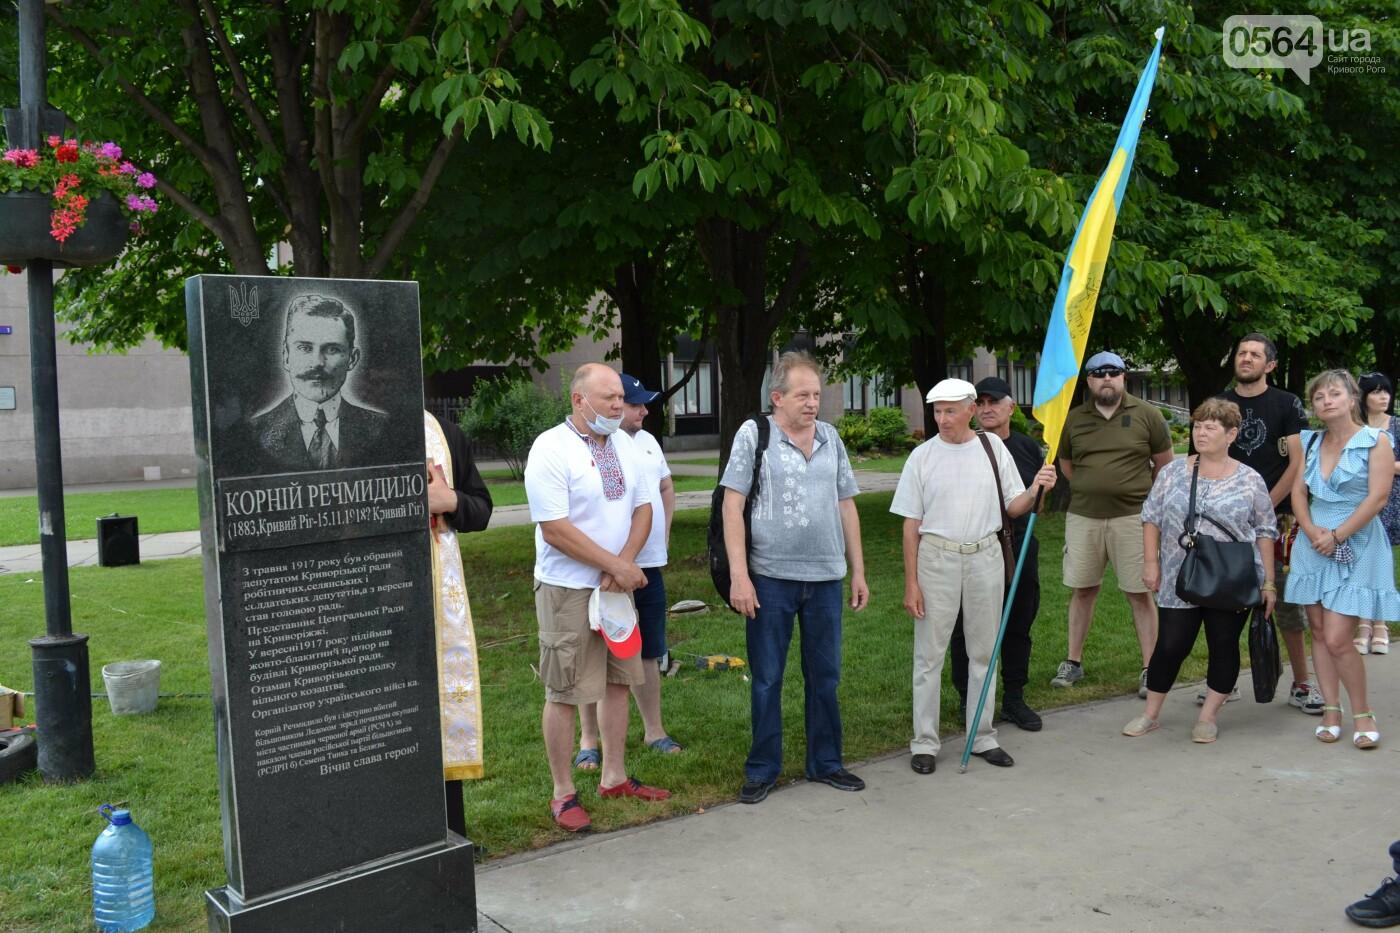 К 30-летию Независимости Украины в Кривом Роге установили мемориальную плиту в память о Корнее Речмидило, - ФОТО, ВИДЕО, фото-51